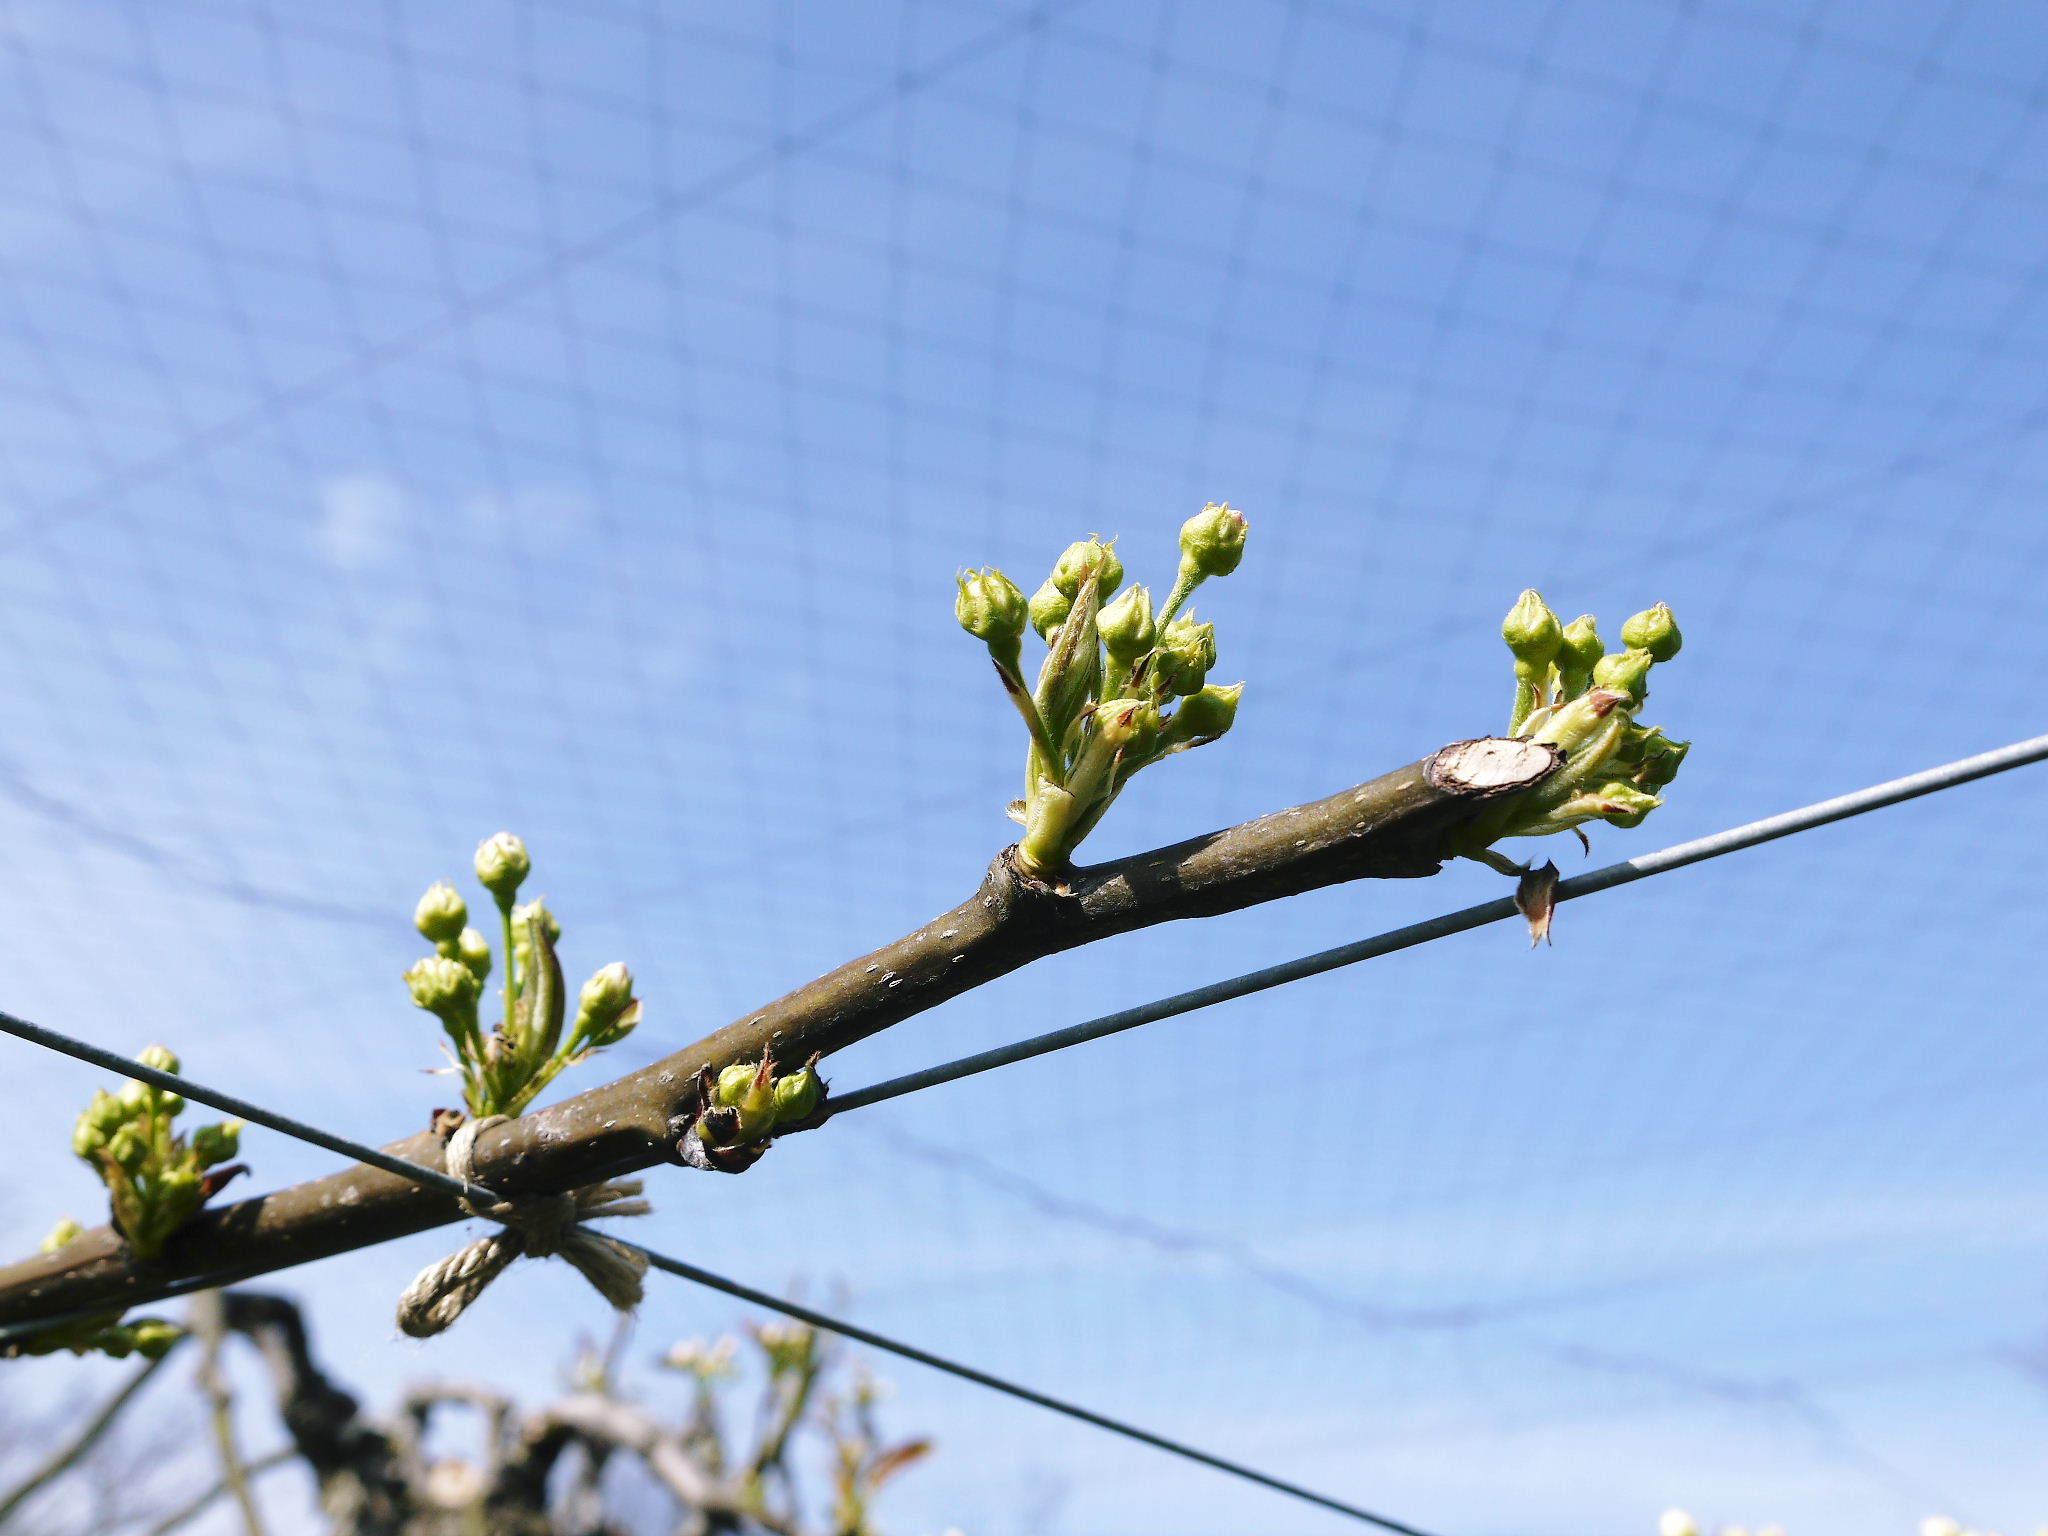 熊本梨 本藤果樹園 花咲く様子!!2020 収穫時期と開花は逆!まずは最後に収穫する『新高』の花です!_a0254656_17255147.jpg